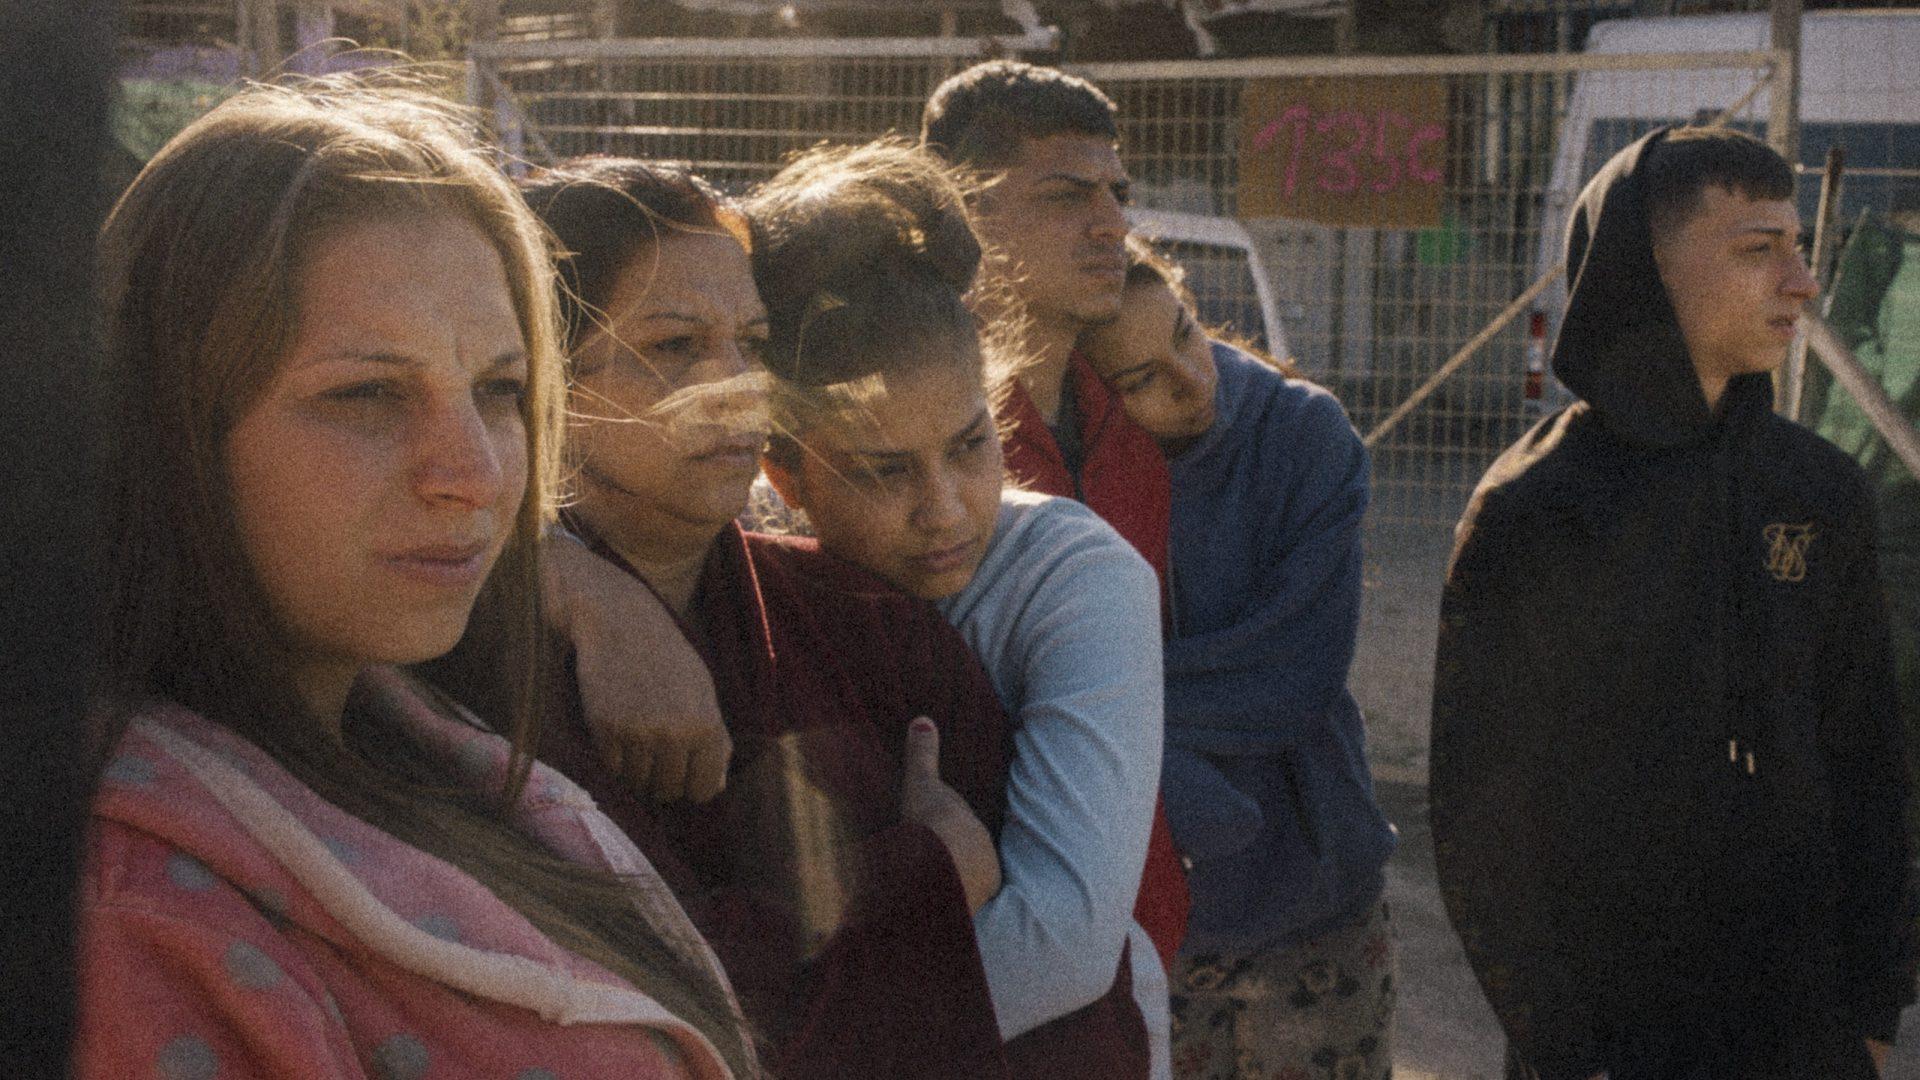 Filmstill La Ultima Primavera coverfoto pagina Film Inc Isabel Lamberti